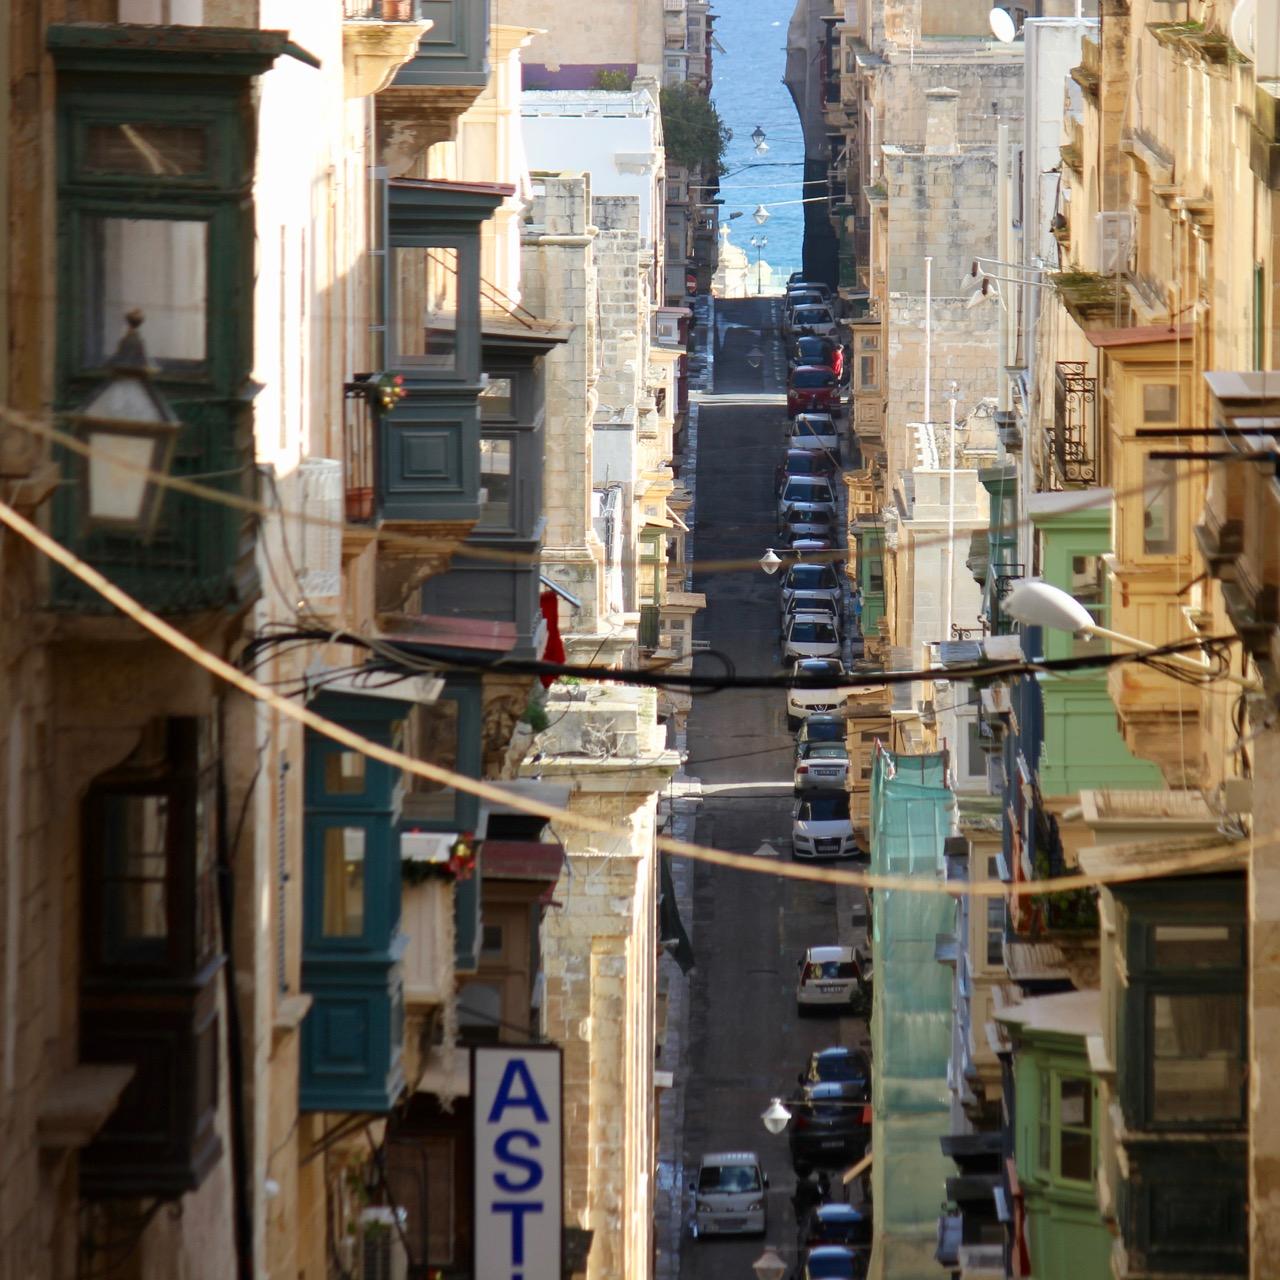 Valletta, Malta - 13